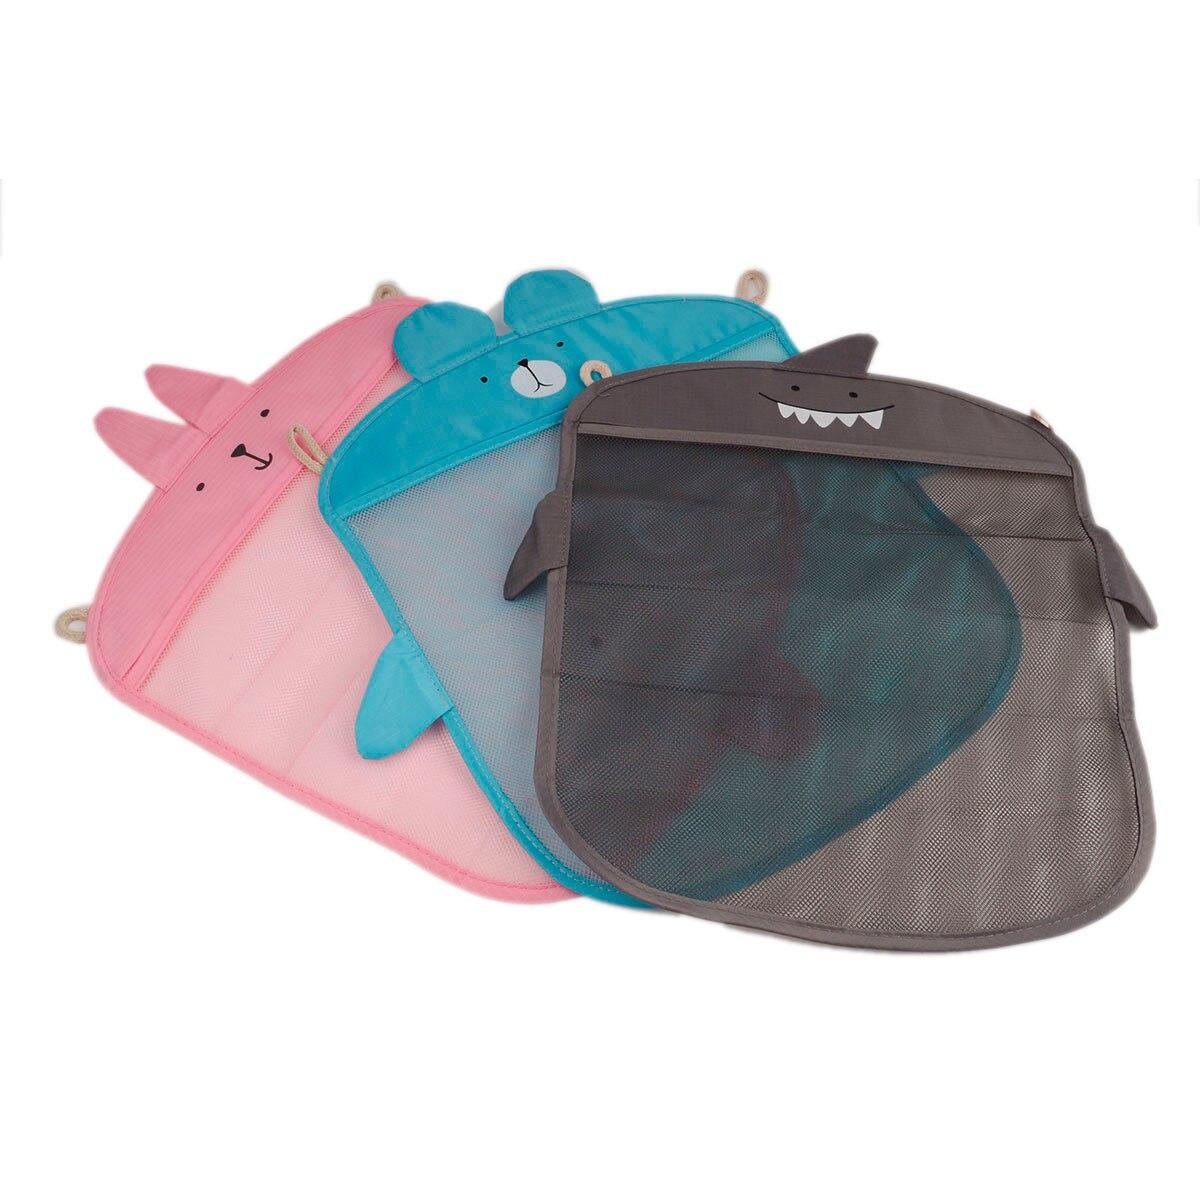 Baby Home Bathroom Mesh Bag For Bath Tub Toys Kids Bathtub Net Cartoon Bathing Hanging Organizer Bag Storage Toy Bags Bath Toy